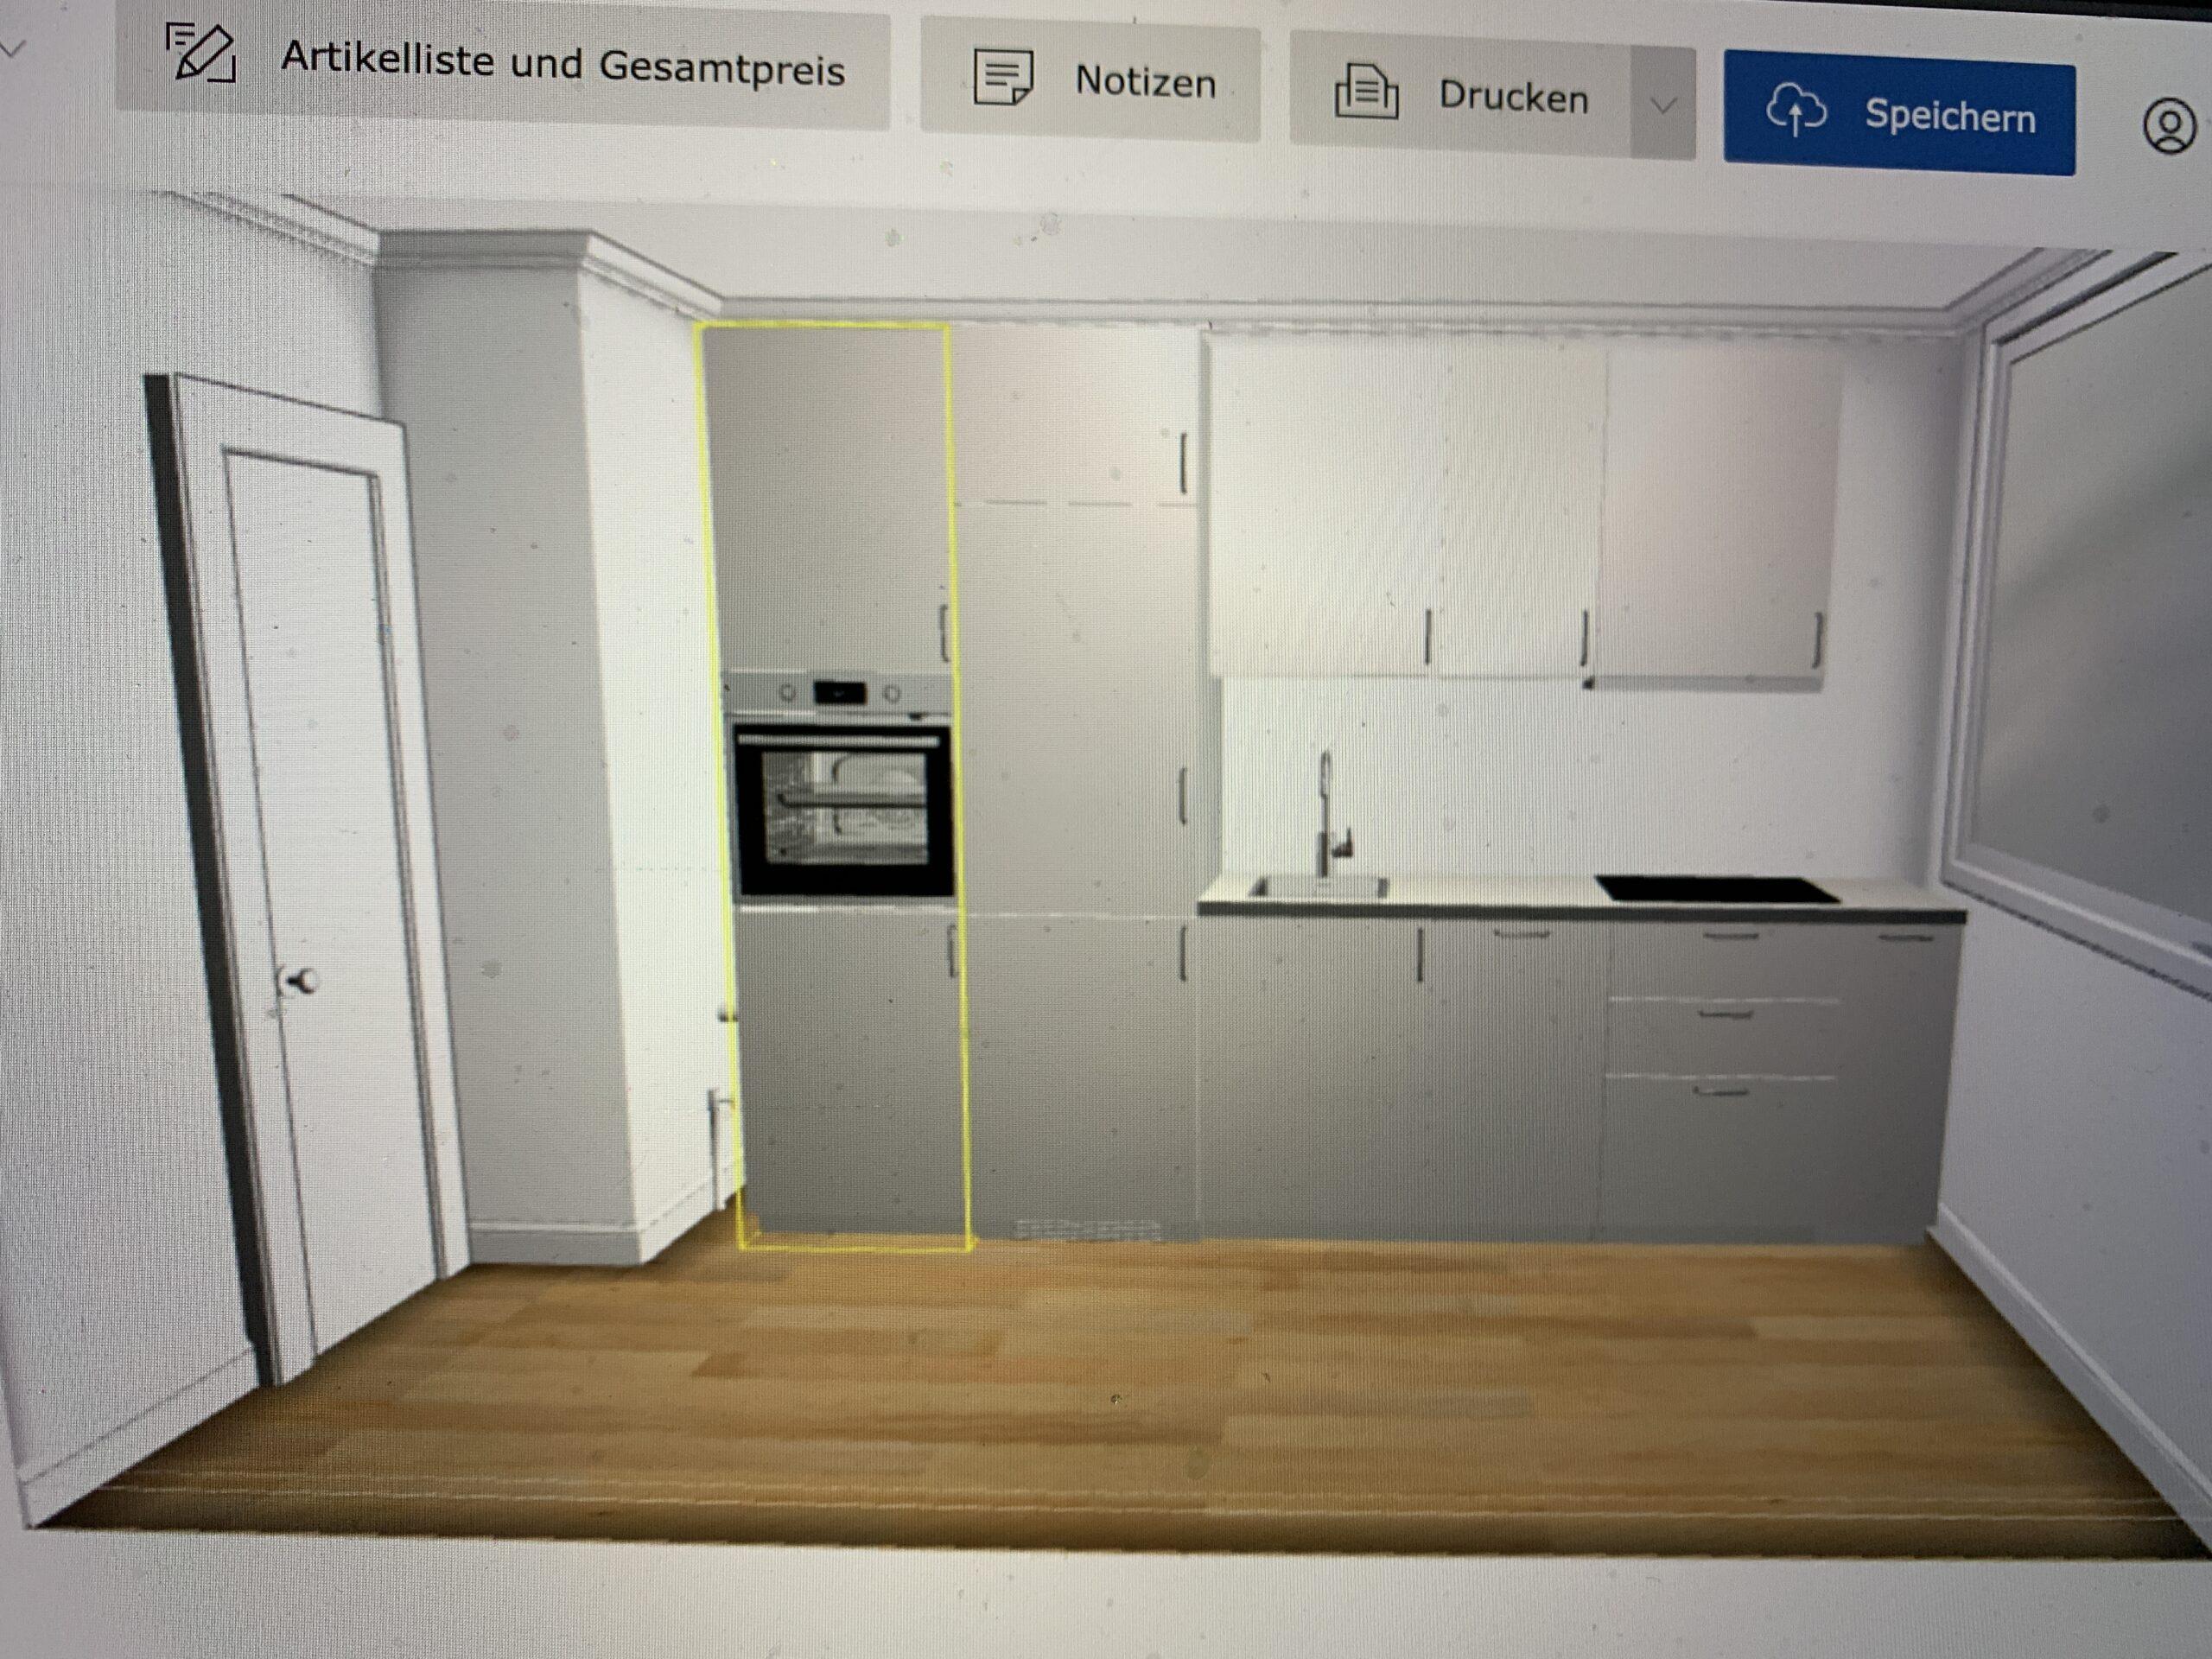 Full Size of Ikea Värde Schrankküche Metod Schubladenschrank Aufbauen Test 6 Sofa Mit Schlaffunktion Modulküche Küche Kosten Kaufen Betten Bei Miniküche 160x200 Wohnzimmer Ikea Värde Schrankküche